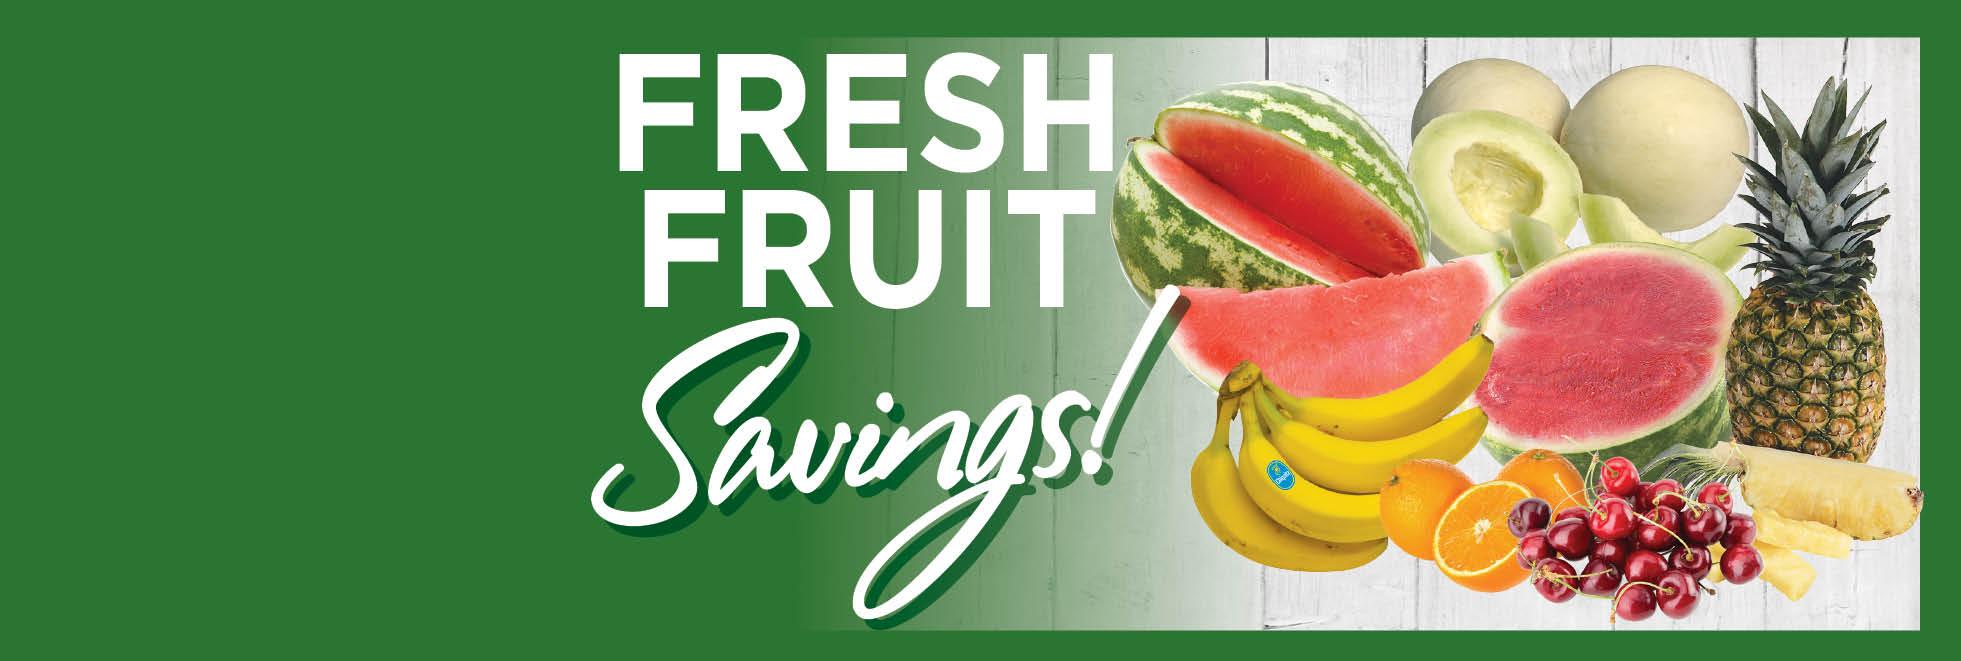 Fresh Fruit Savings